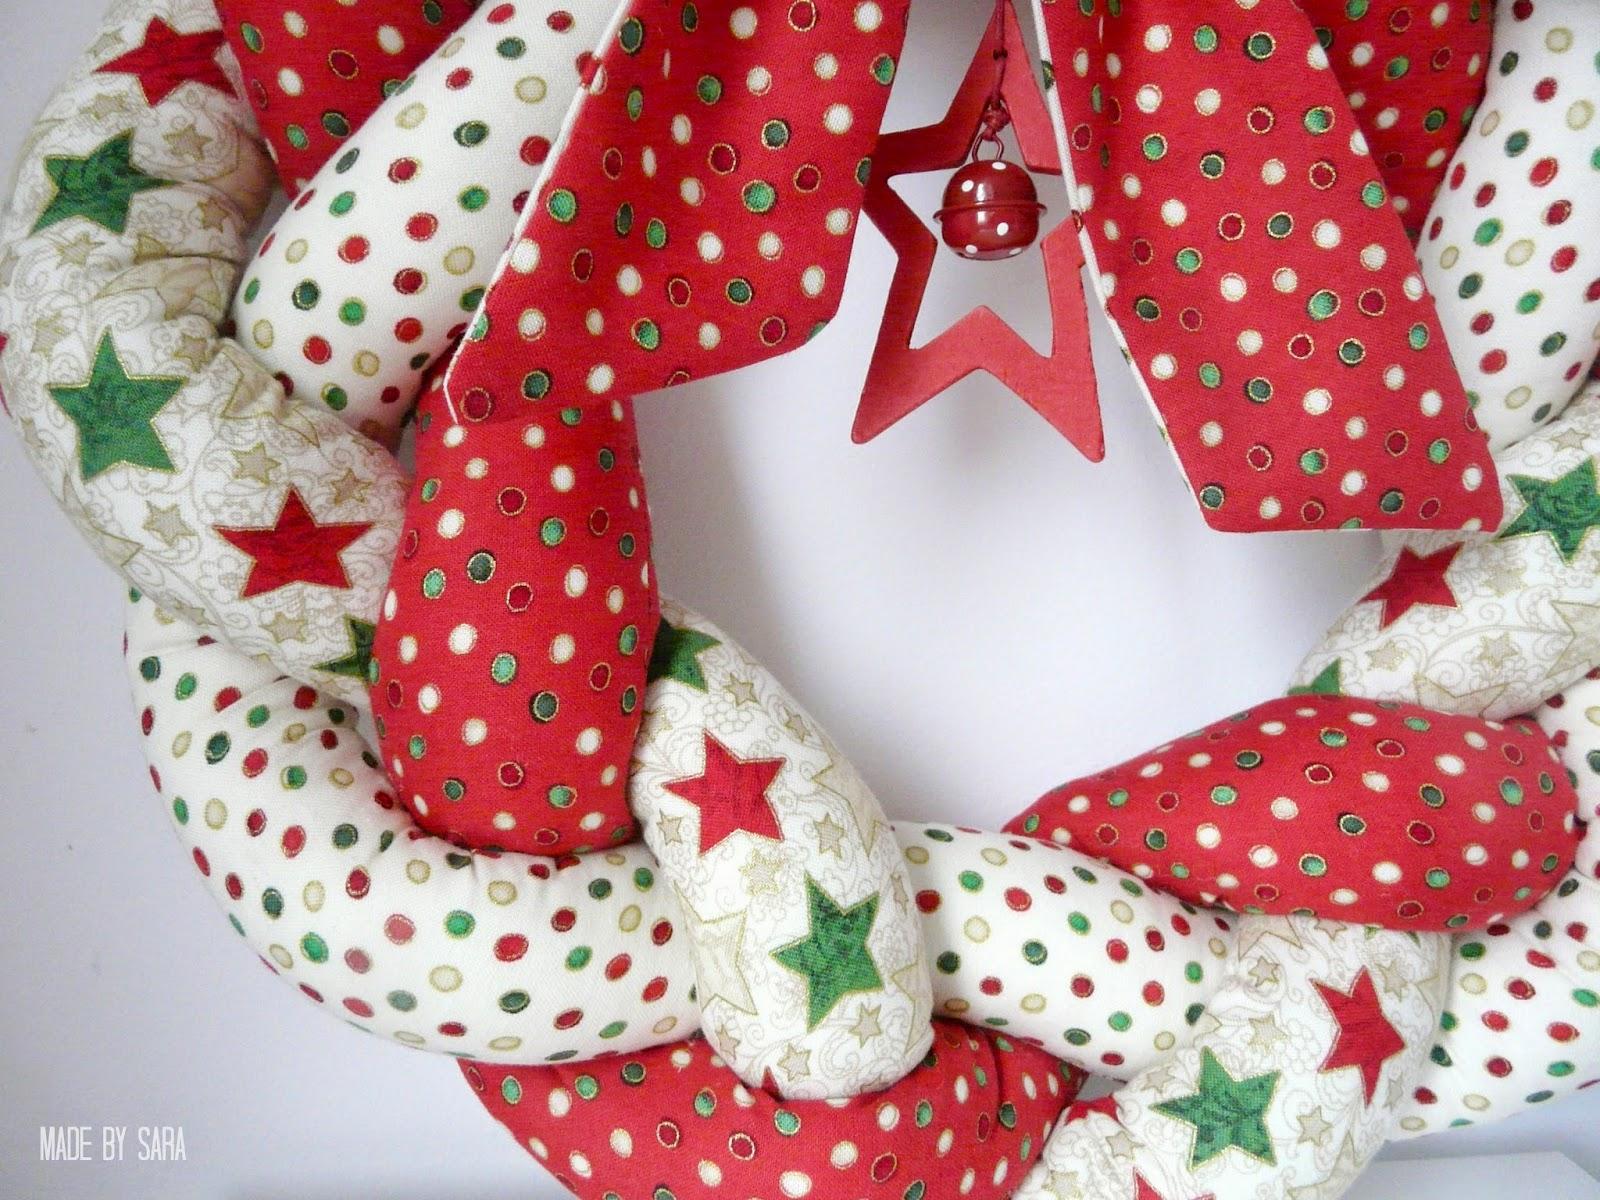 Christmas plaited wreaths